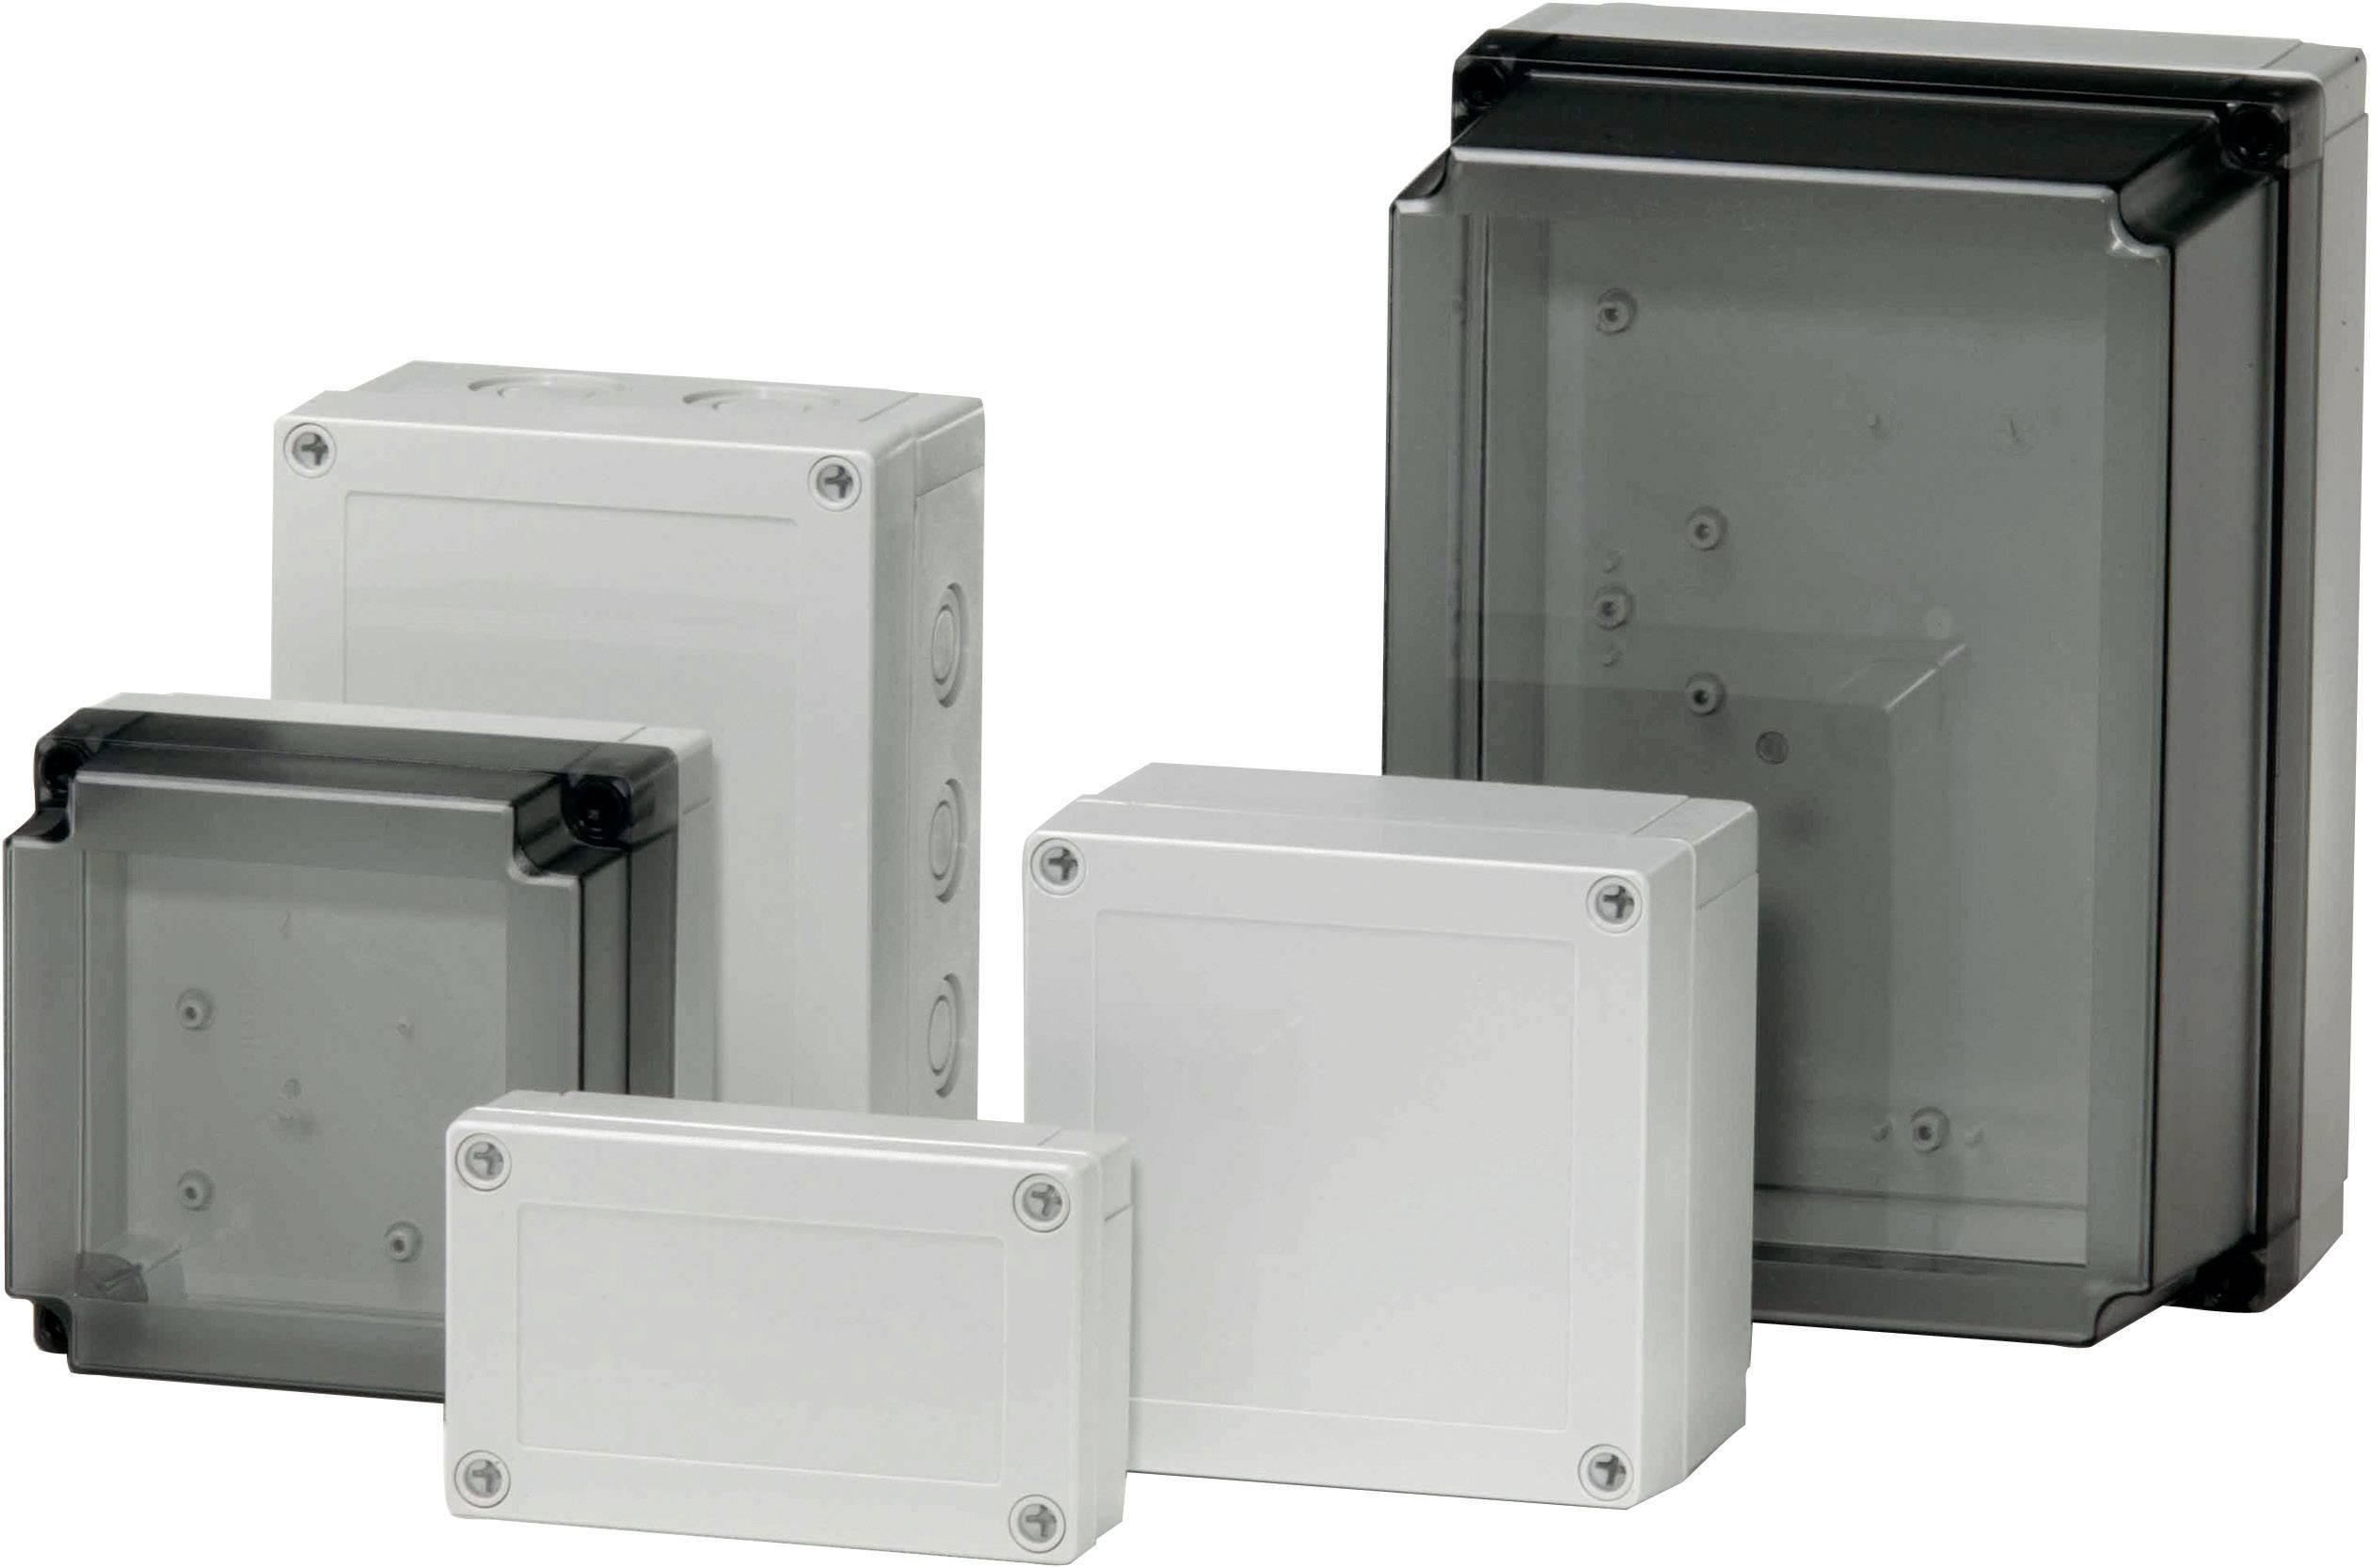 Univerzálne púzdro Fibox MNX PCM 125/75 G 6016308, 130 x 130 x 75 , polykarbonát, svetlo sivá (RAL 7035), 1 ks